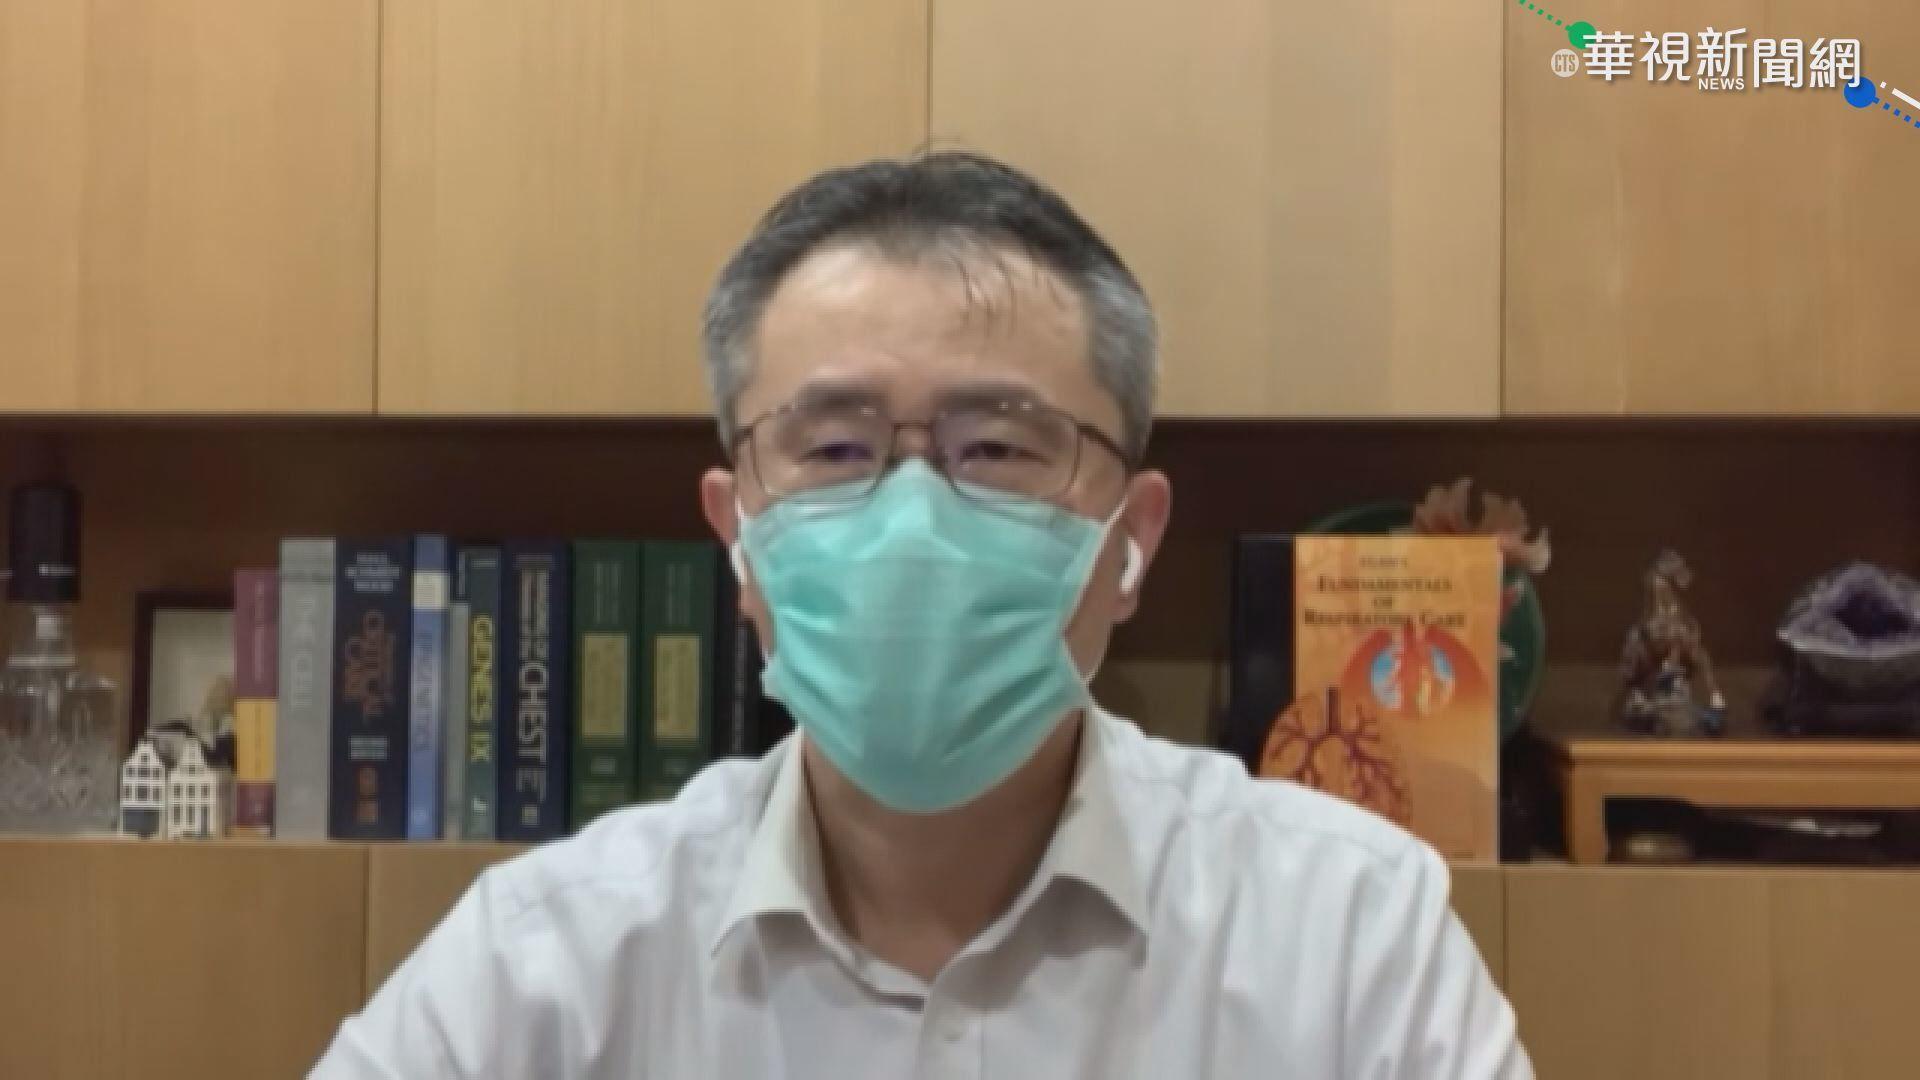 12人突破性感染 專家示警4類高風險